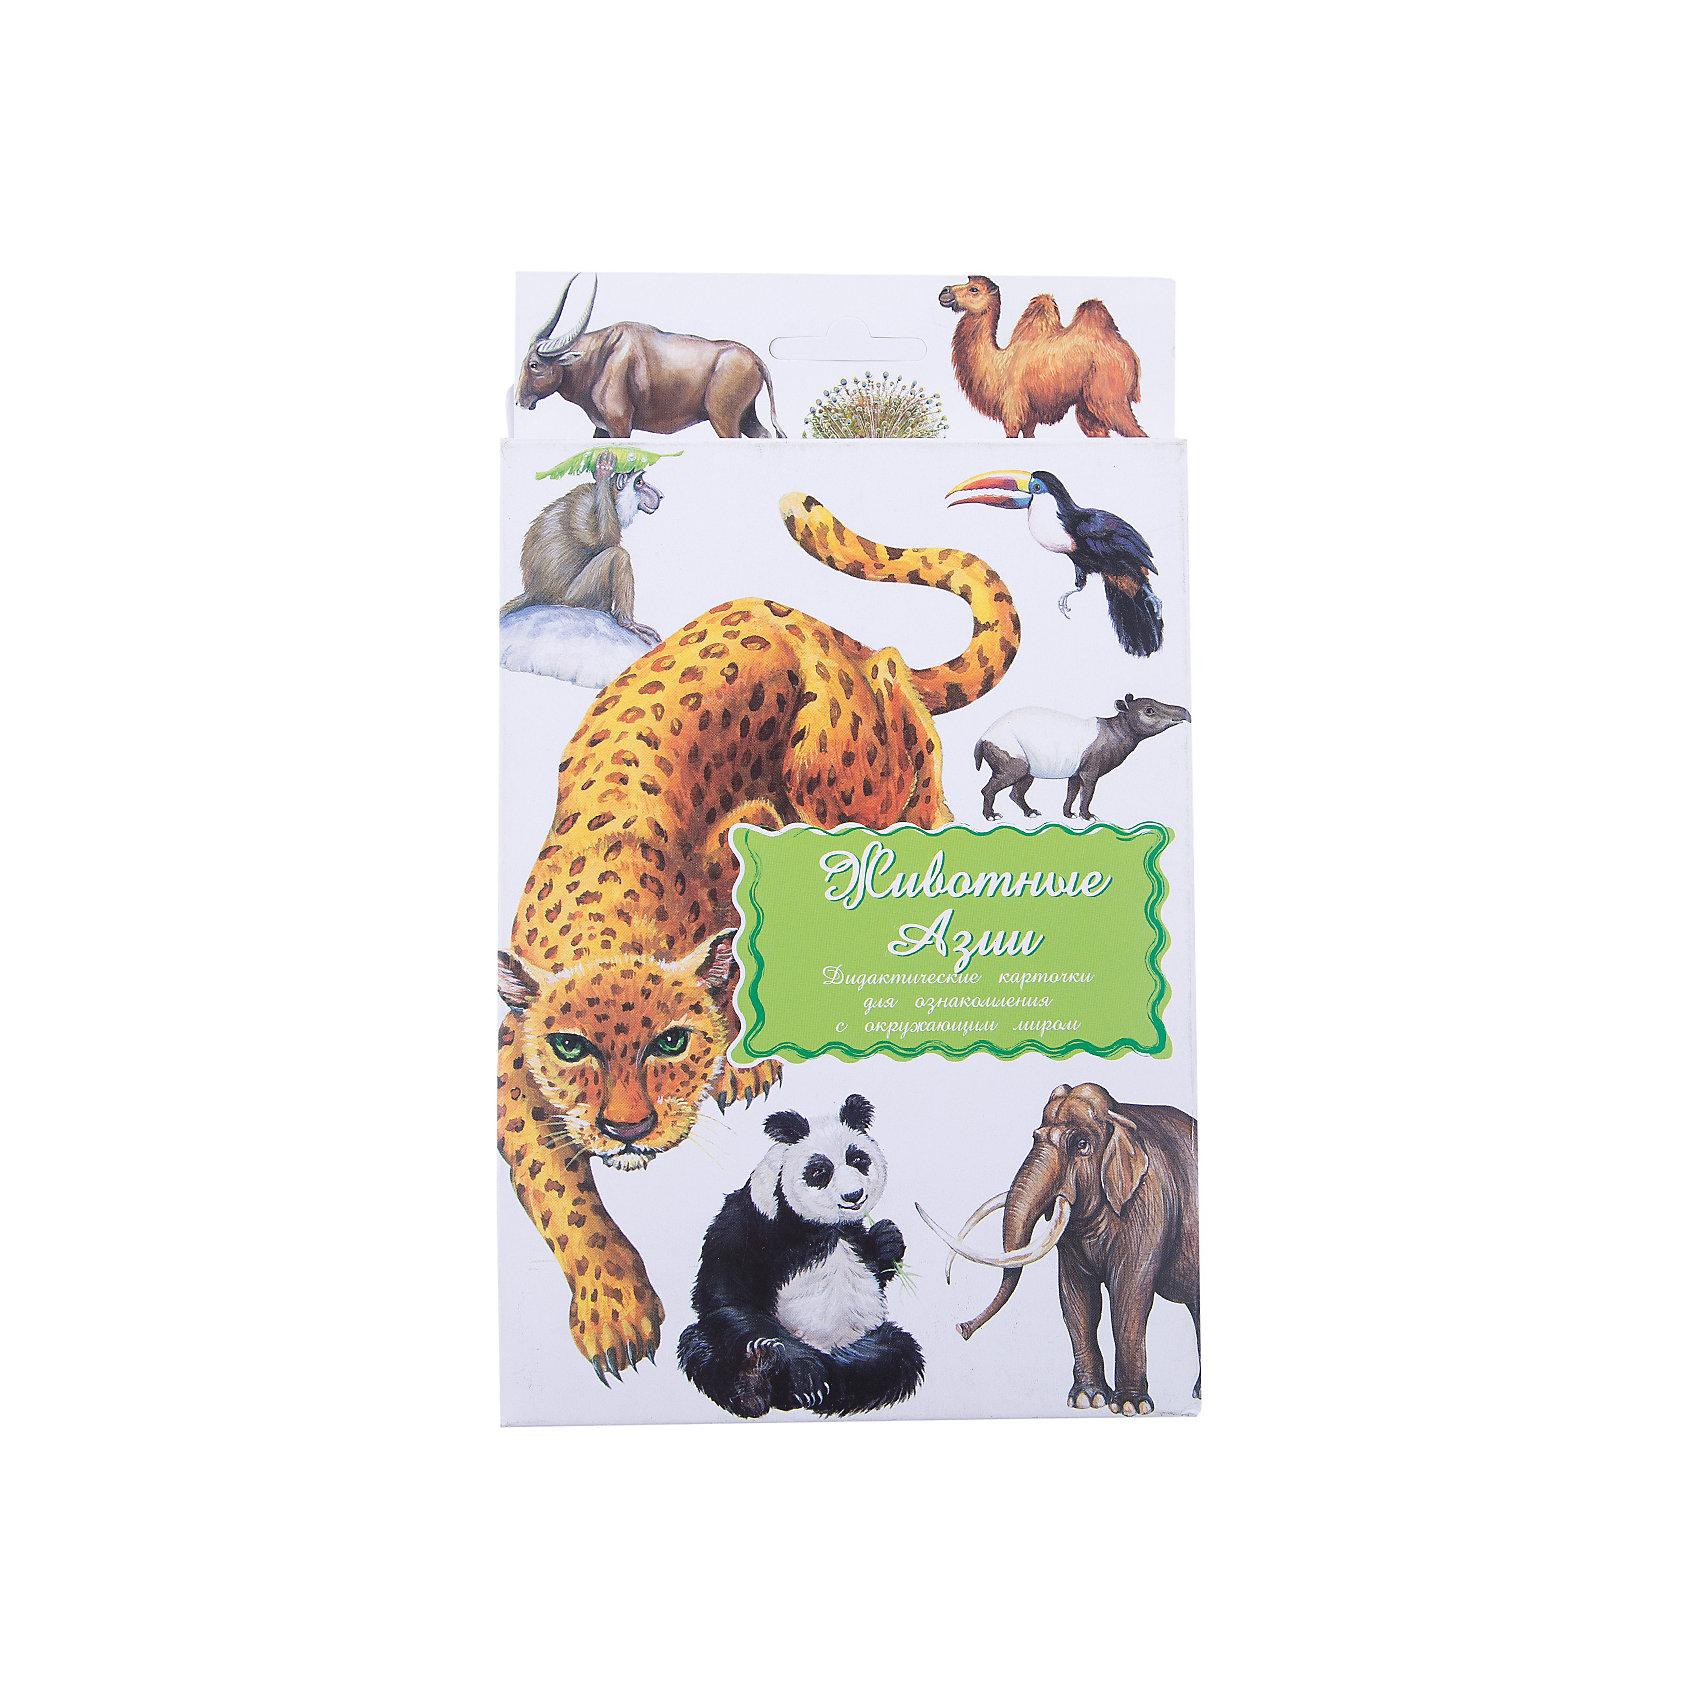 Маленький гений Дидактические карточки Животные Азии дидактические карточки животные азии